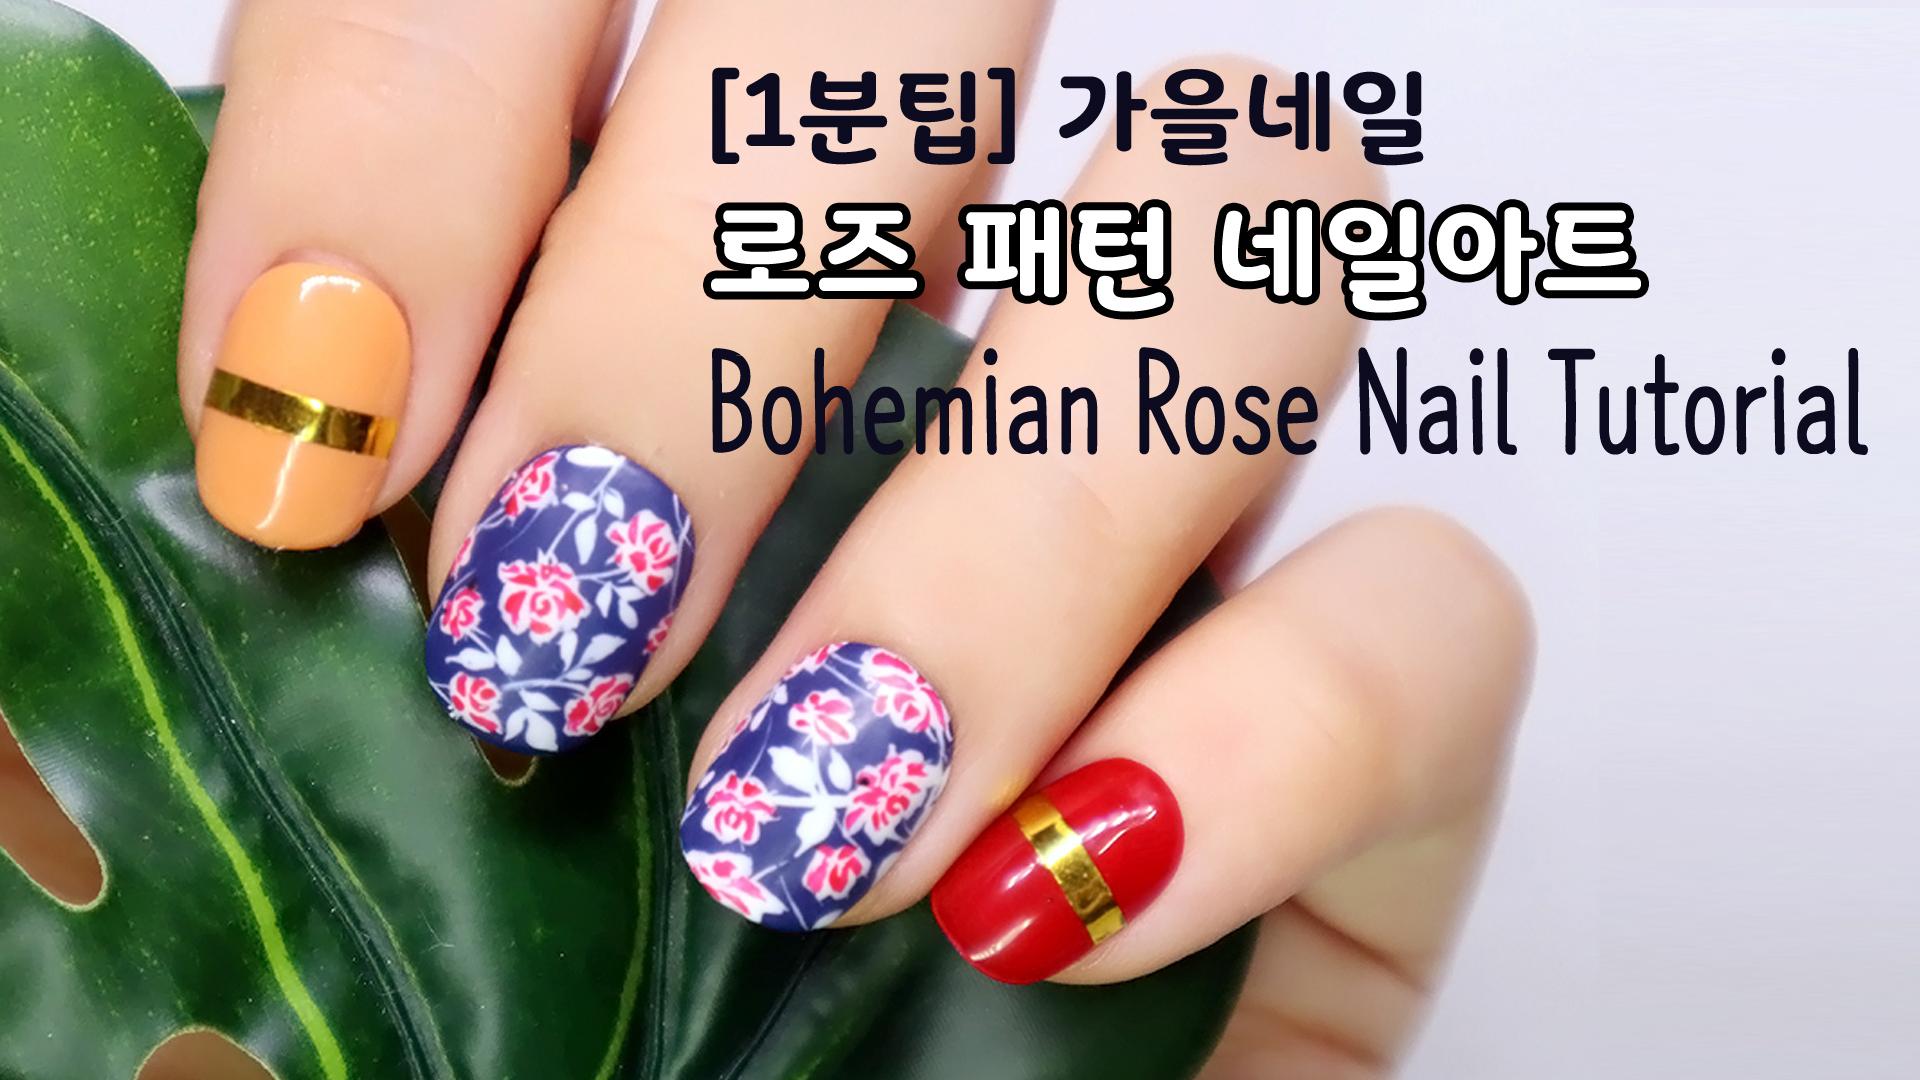 [1분팁] 로즈 패턴 가을 젤네일 배우기 [ Autumn Rose Nail art, 2018네일아트]